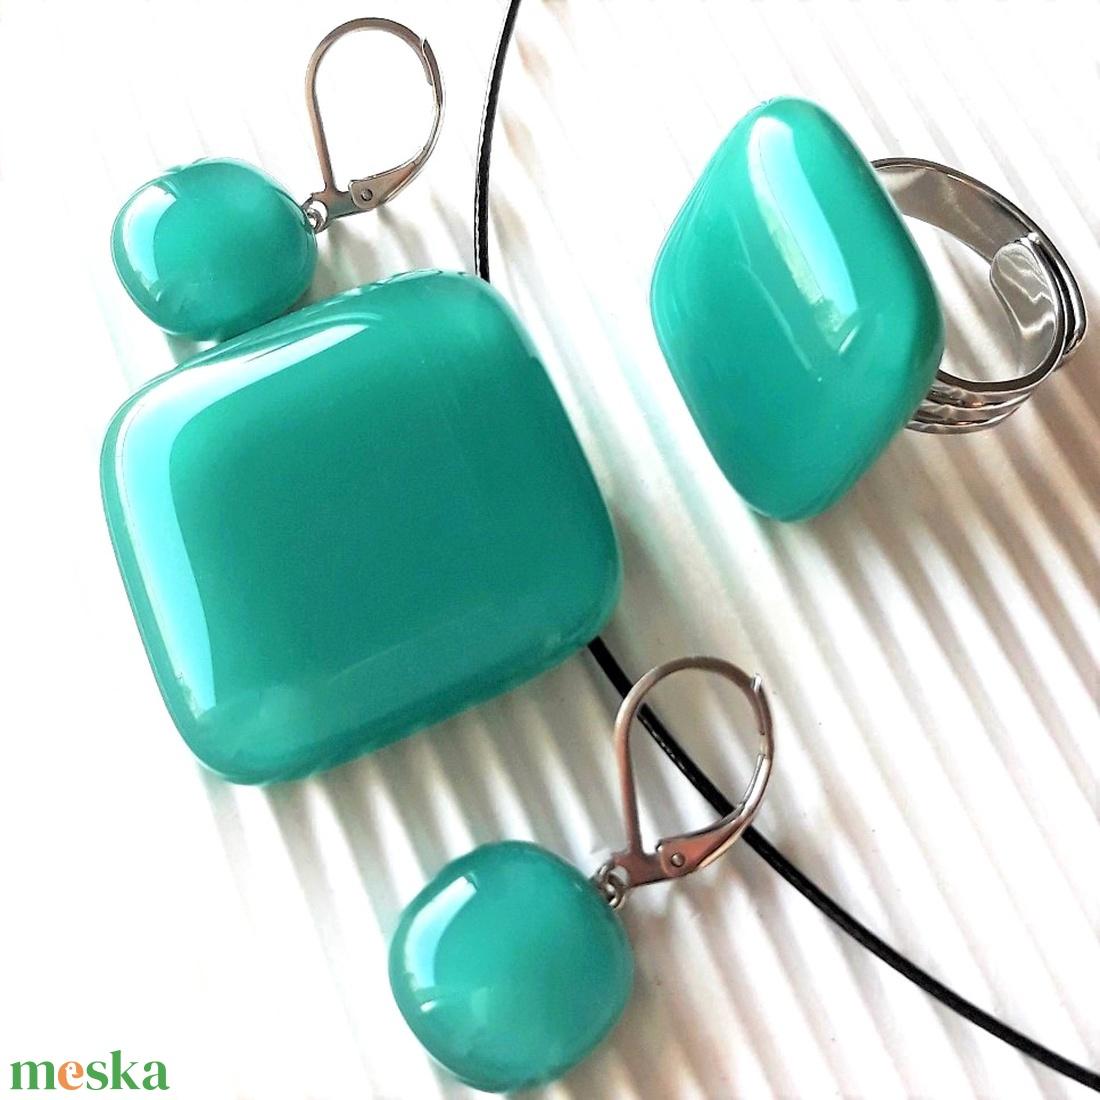 Hamvas smaragd üveg kocka medál, gyűrű és franciakapcsos fülbevaló ORVOSI FÉM akasztón, üvegékszer szett - ékszer - ékszerszett - Meska.hu